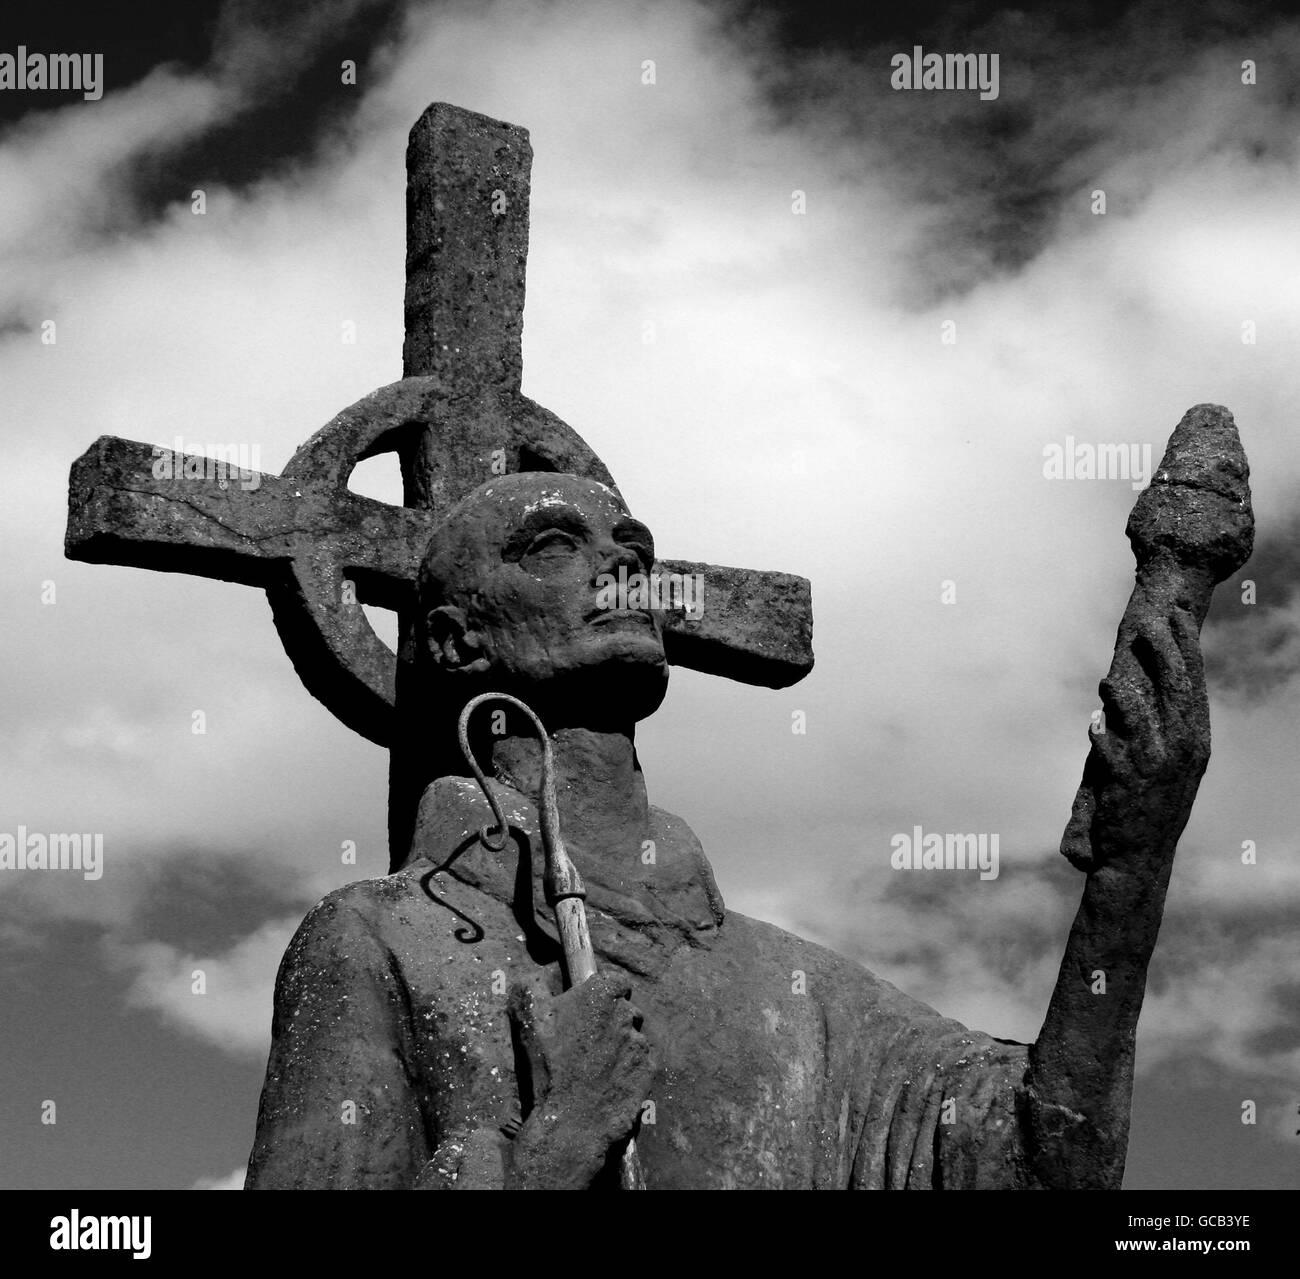 Estatua de San Aidan Apóstol de Northumbria en blanco y negro Foto de stock